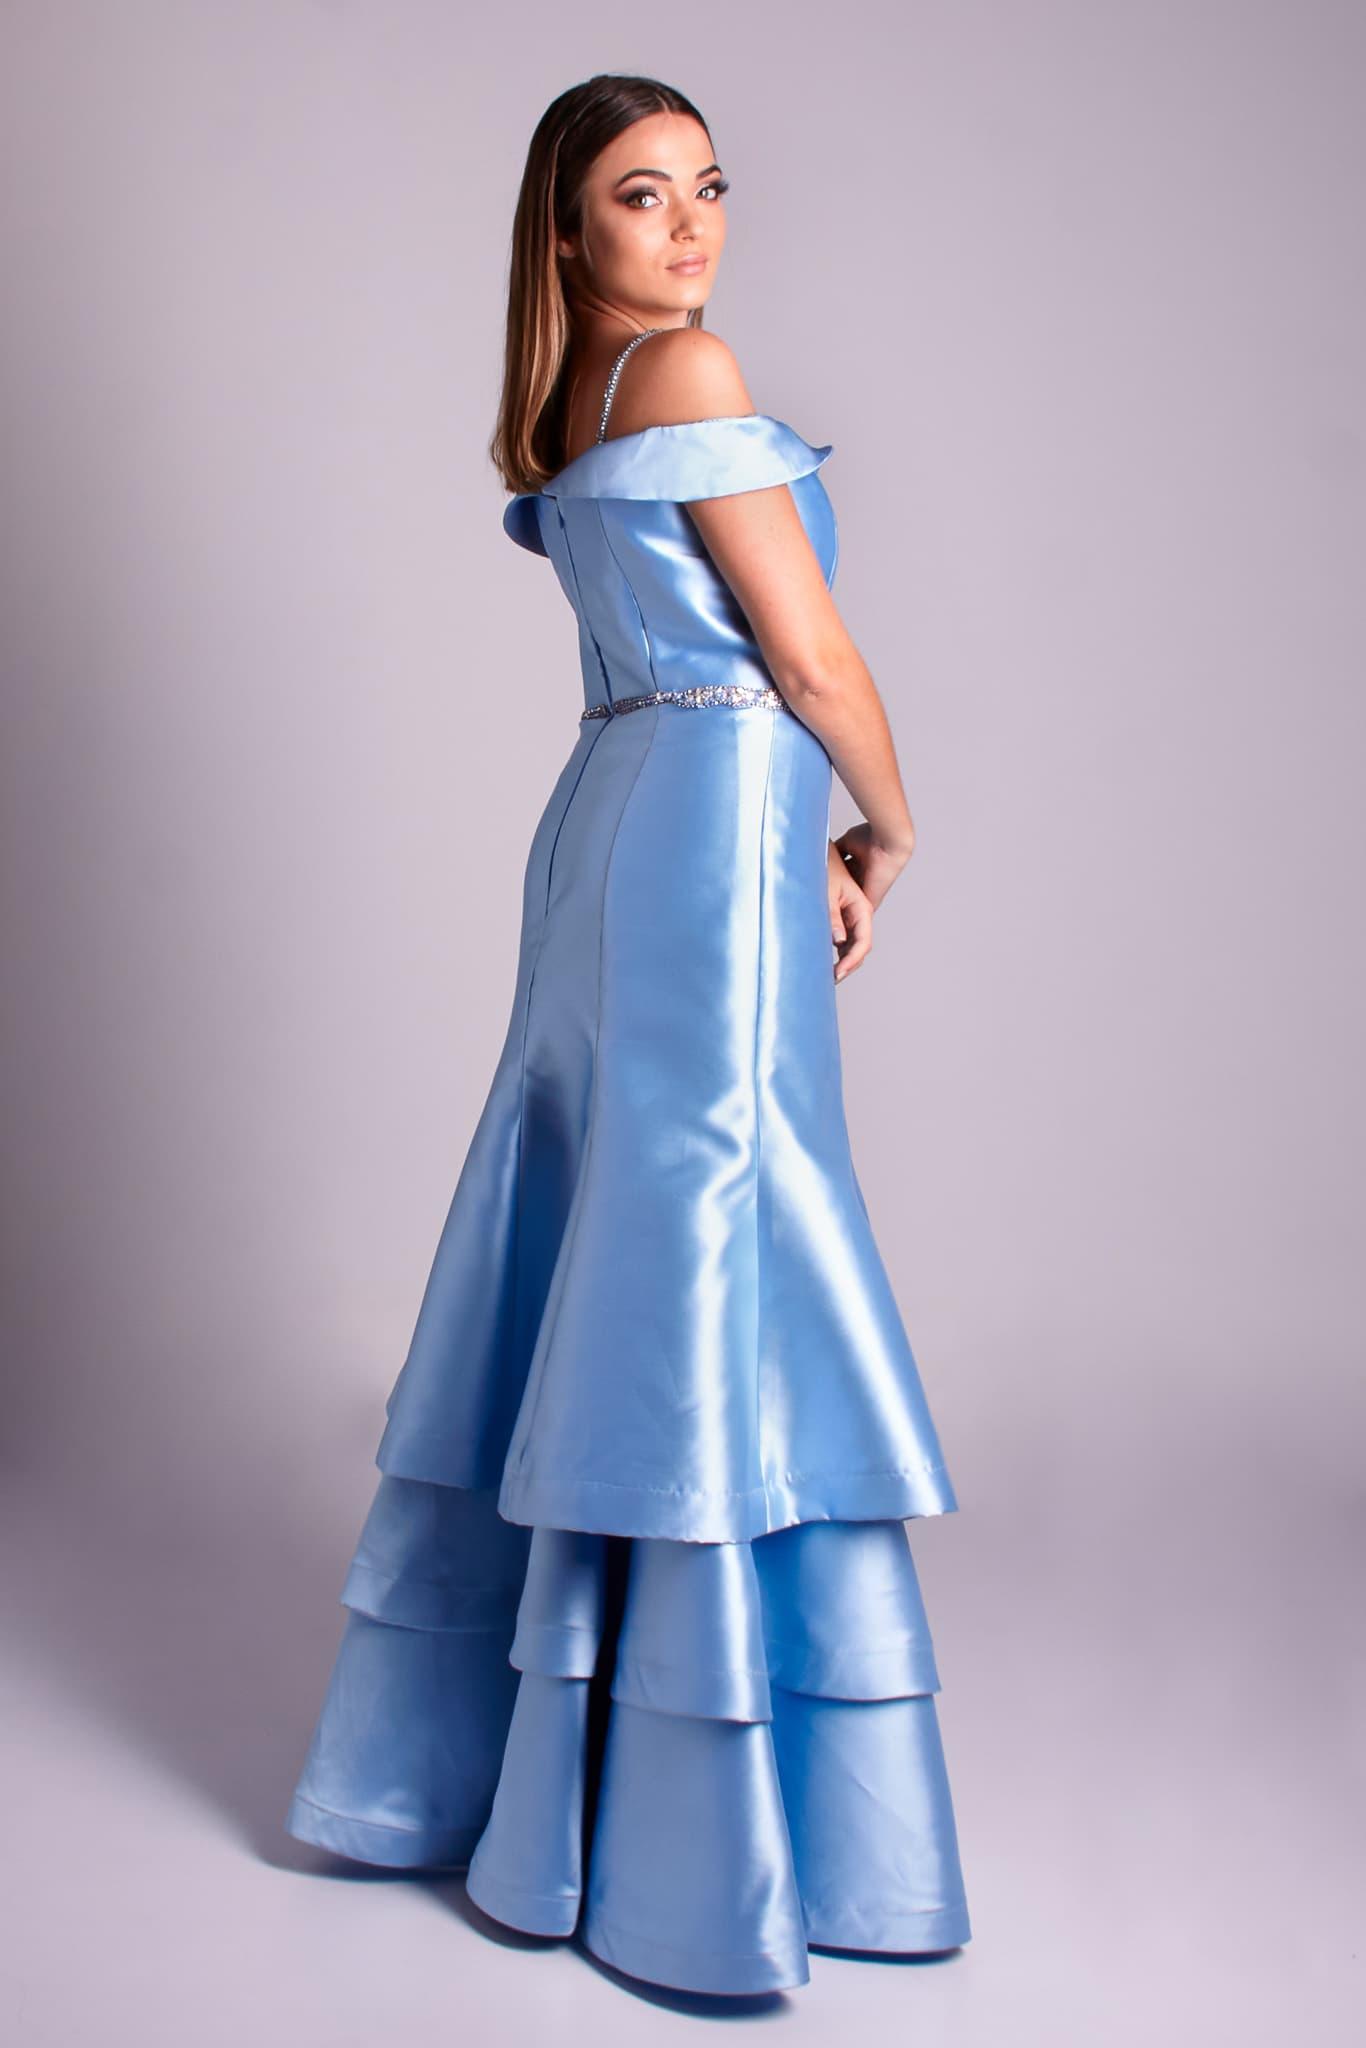 11 - vestido ombro a ombro azul serenity com saia em camadas